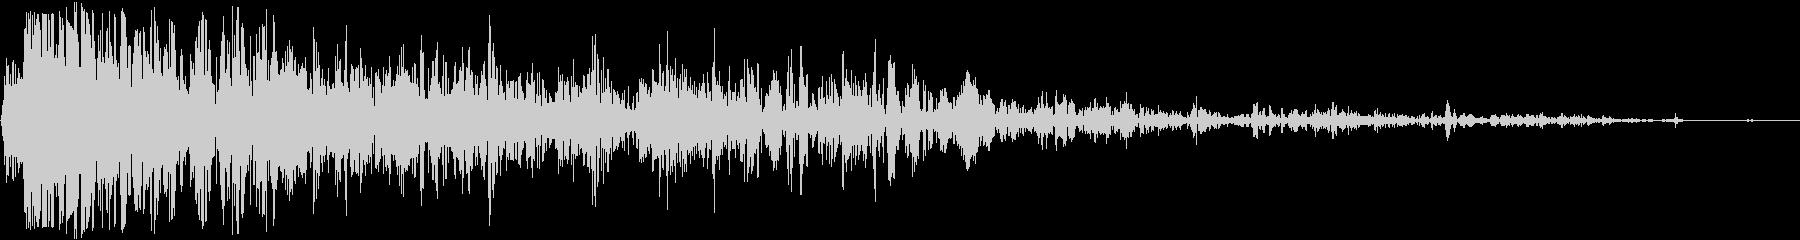 パワフルなロックシャッターヒットの未再生の波形